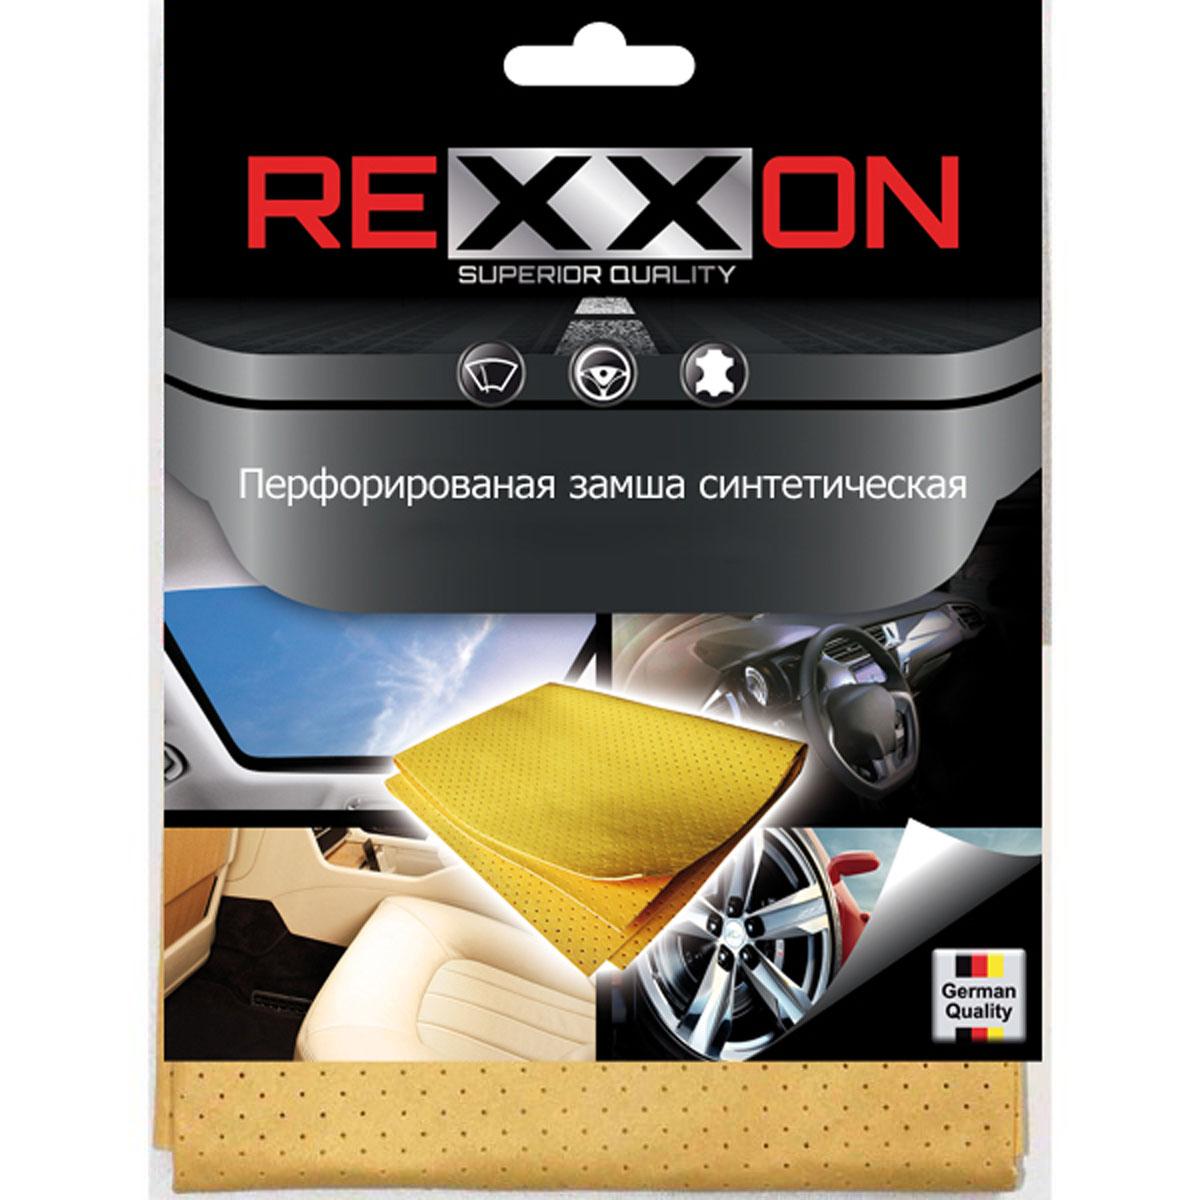 Салфетка Rexxon, впитывающая, 30 x 40 см2-10-1-3-3Впитывающая салфетка из синтетической замши. Плотность: 180g/m2